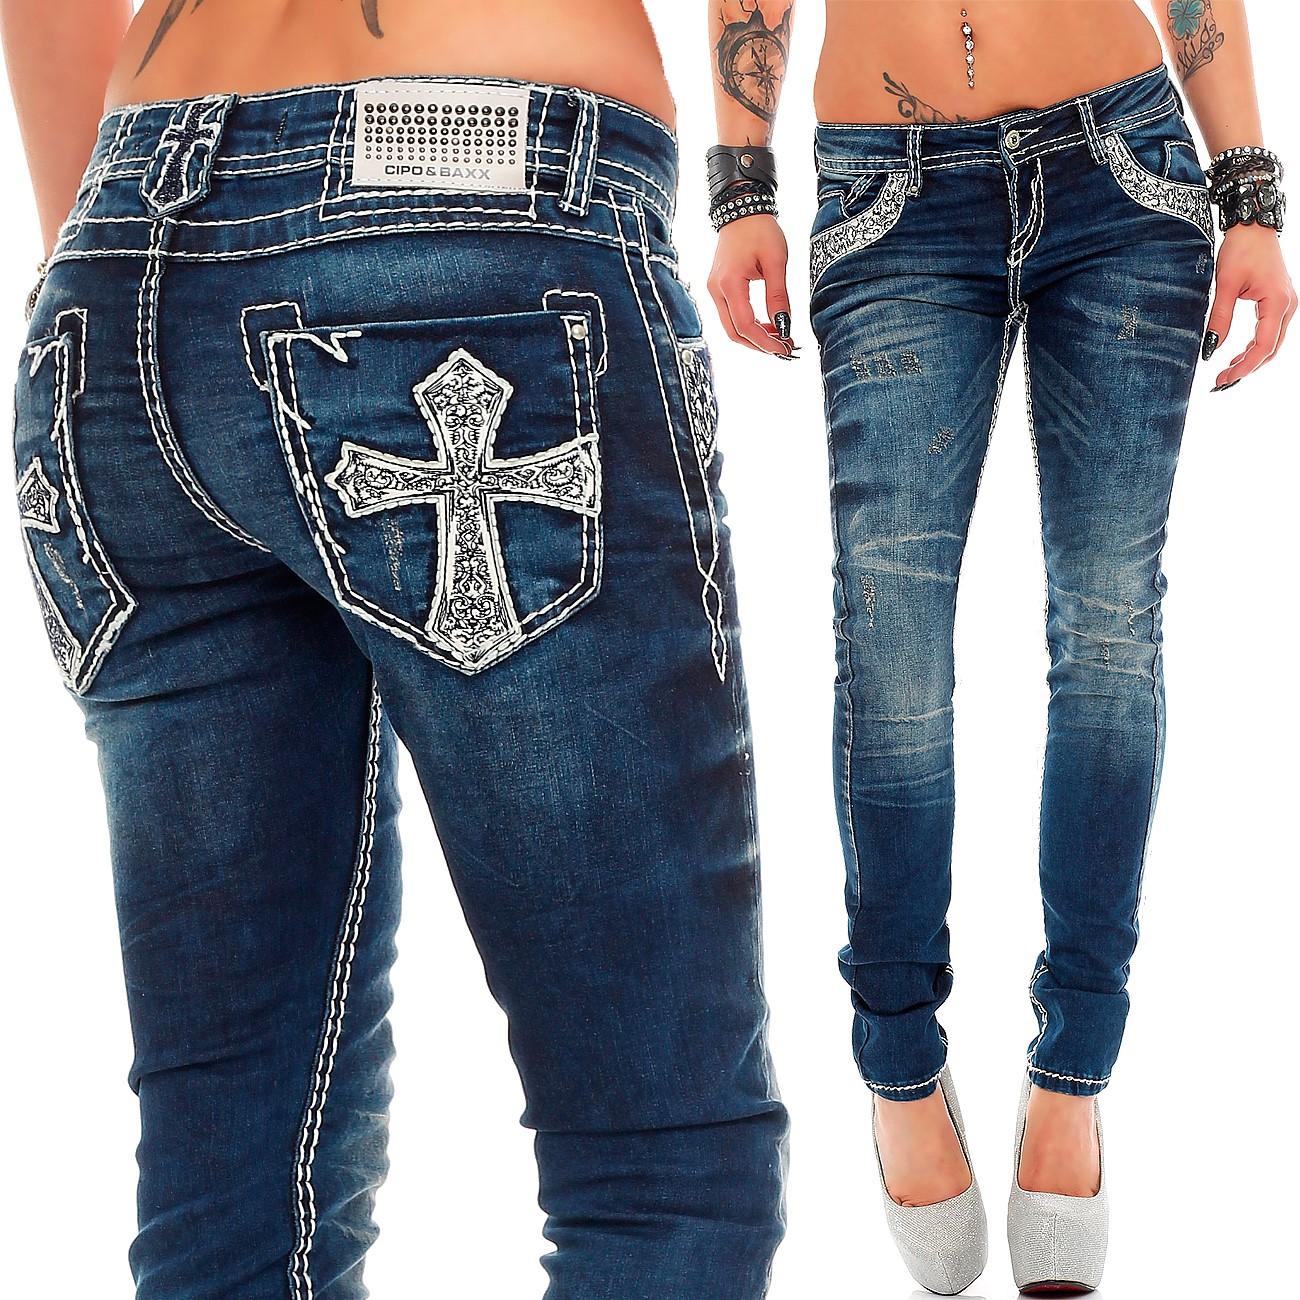 Verschiedene-Cipo-amp-Baxx-Damen-Jeans-Hosen-Slim-Fit-Regular-Fit-Streetwear Indexbild 17